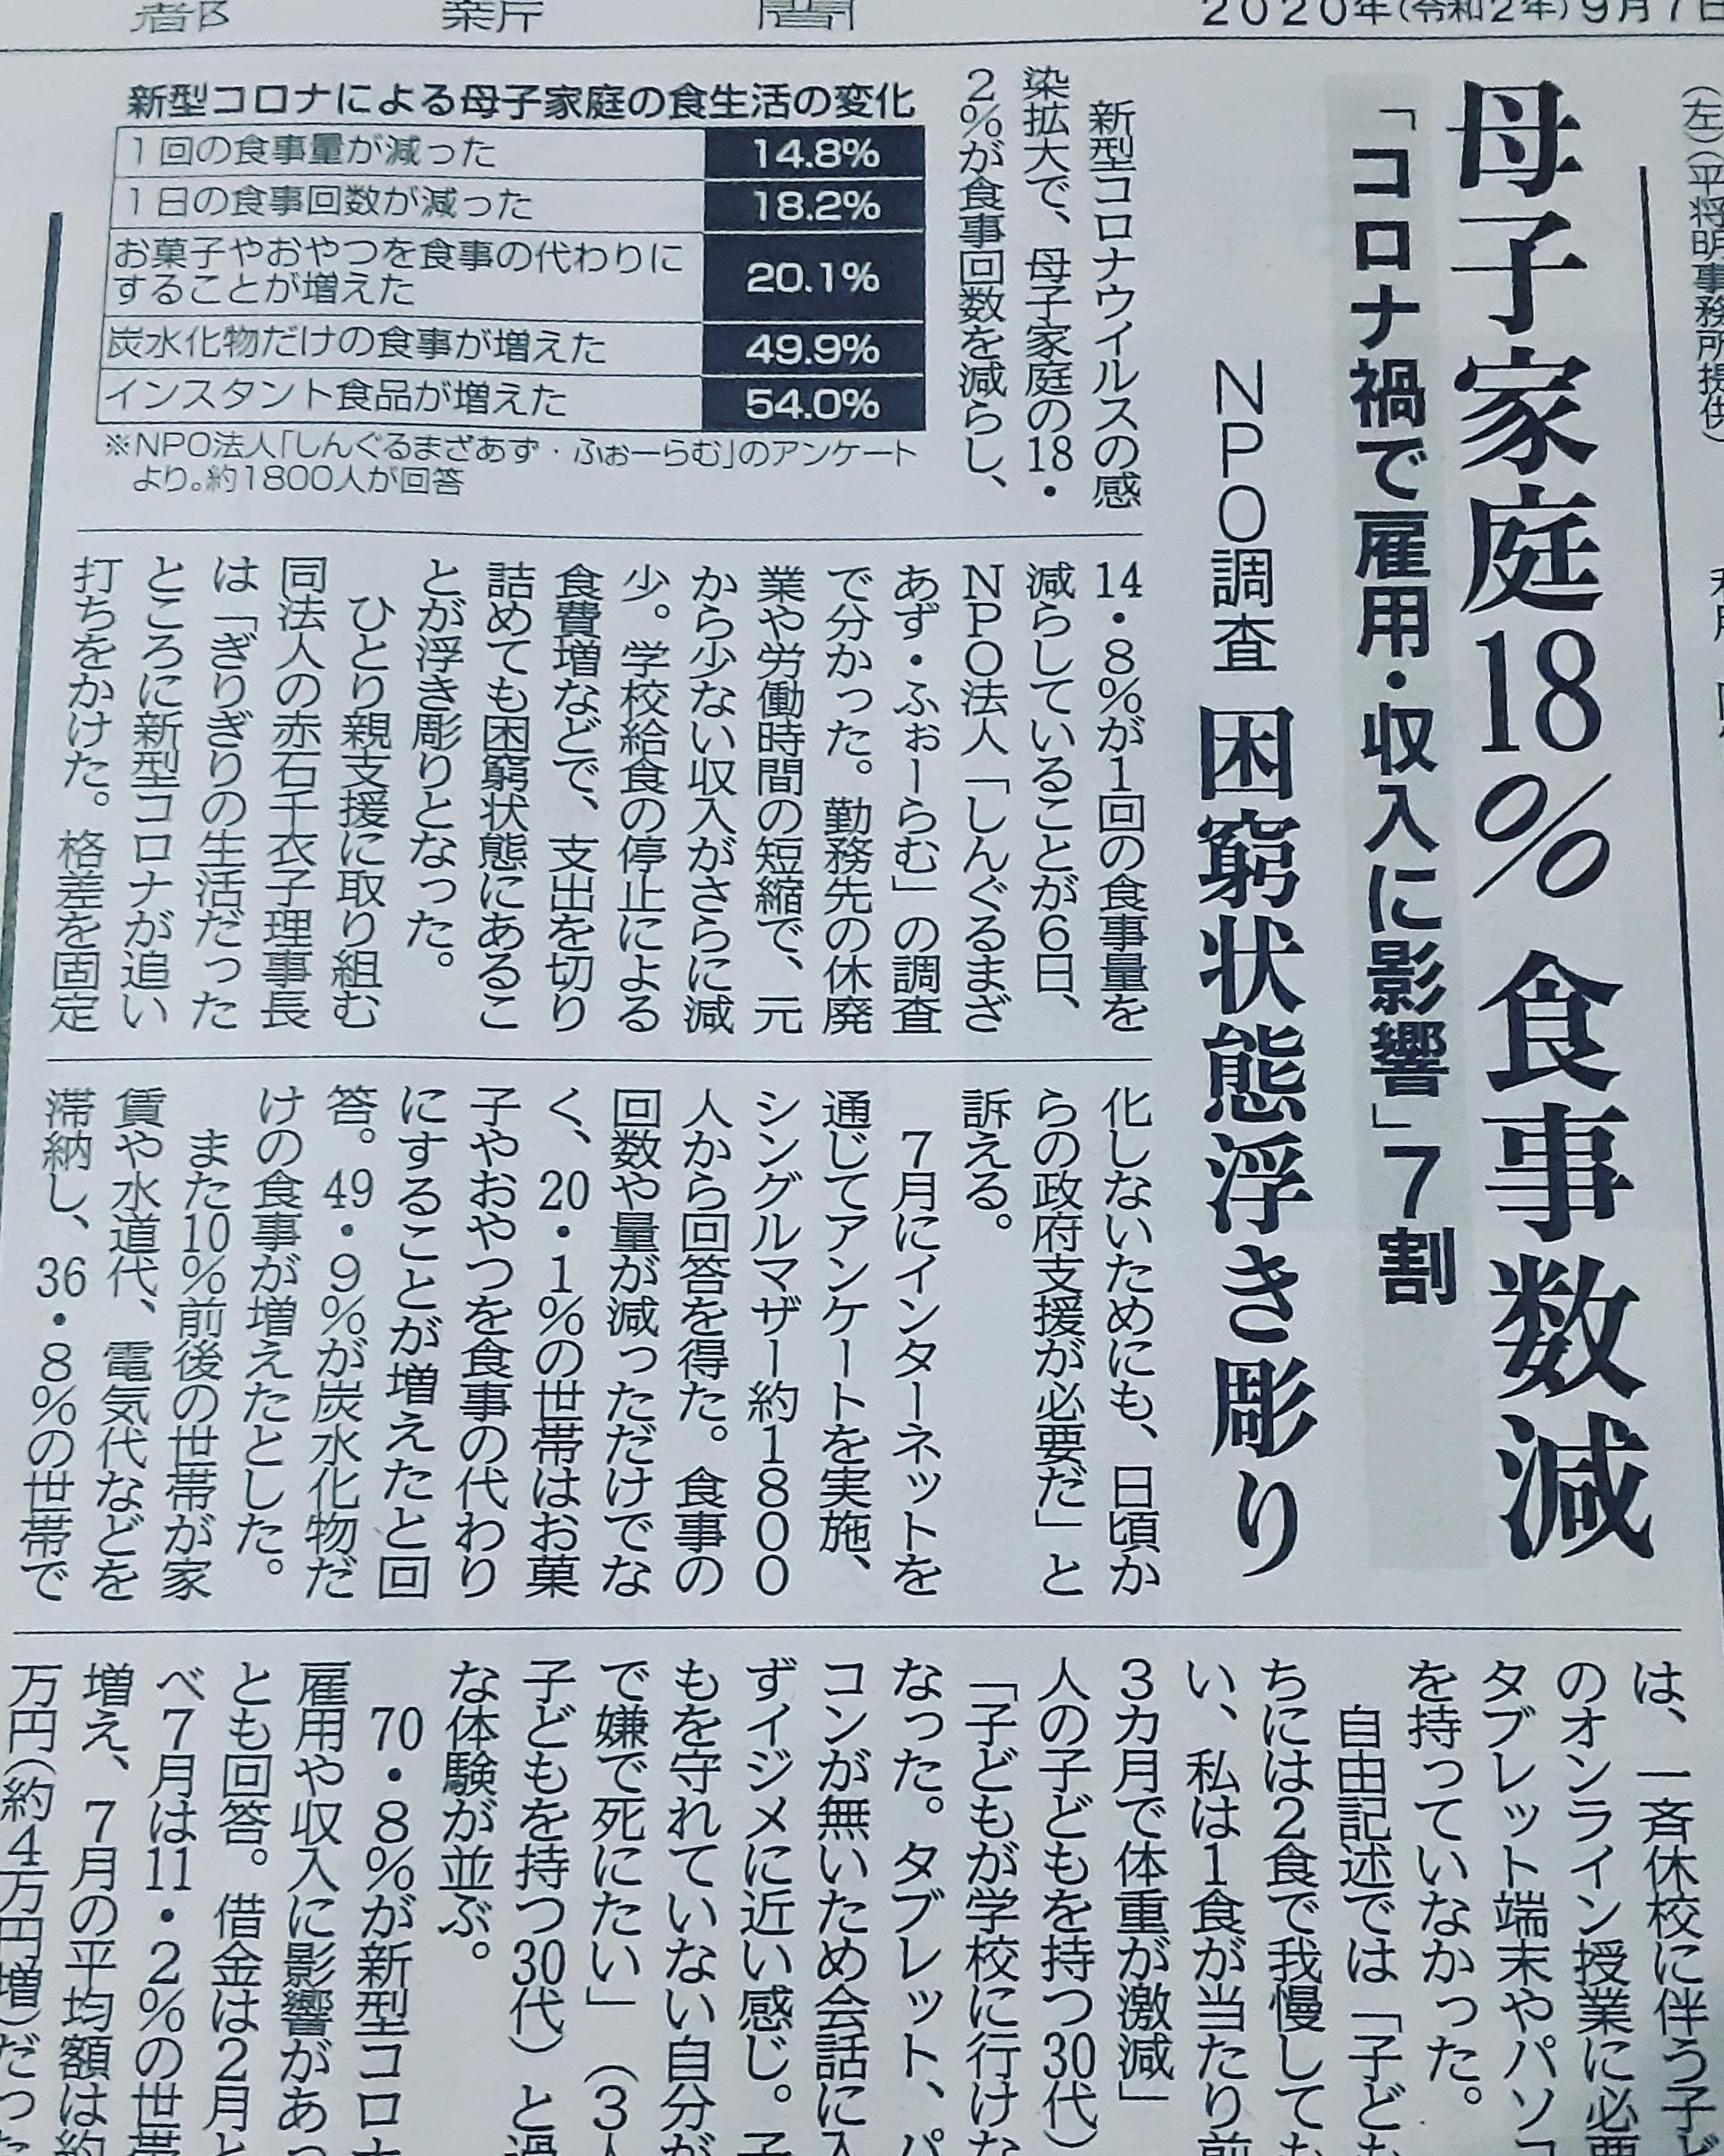 コロナ禍の今、シングルマザーさんは大変日を過ごされています(京都新聞掲載記事)😥